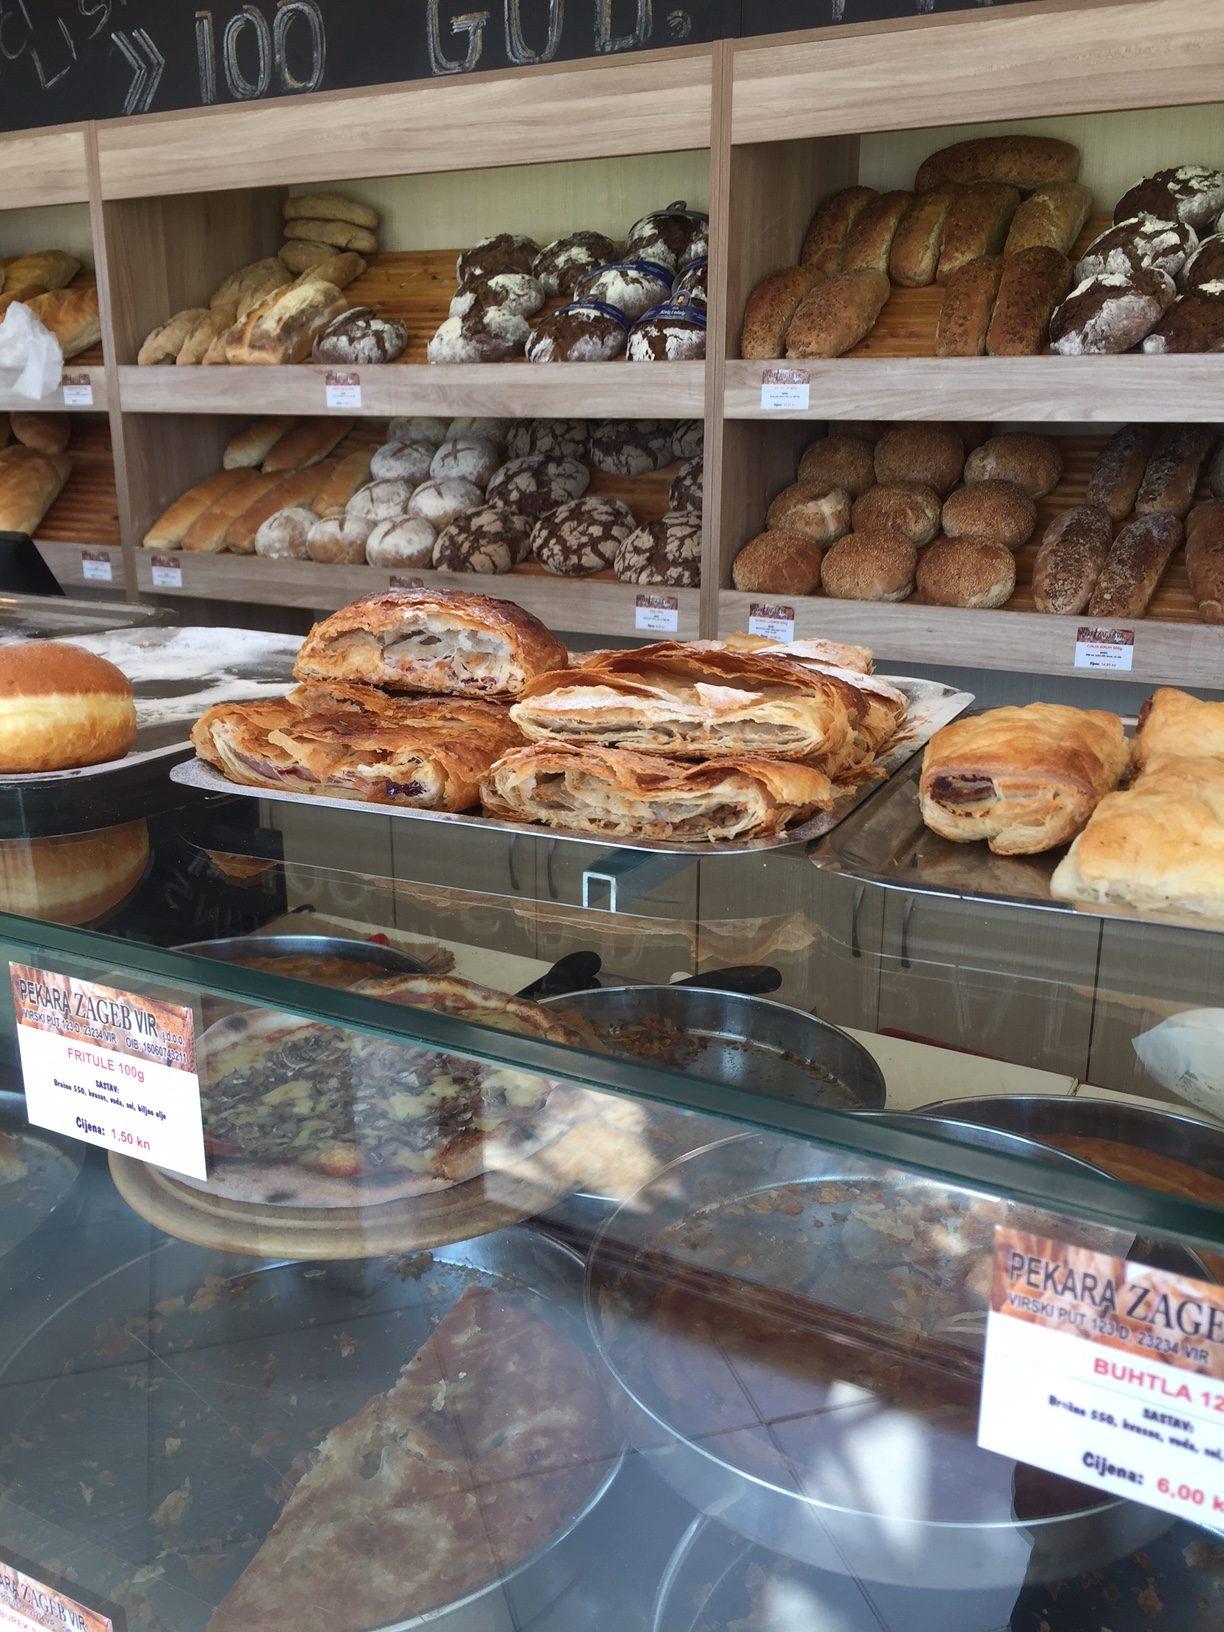 Nova pekara zafreb